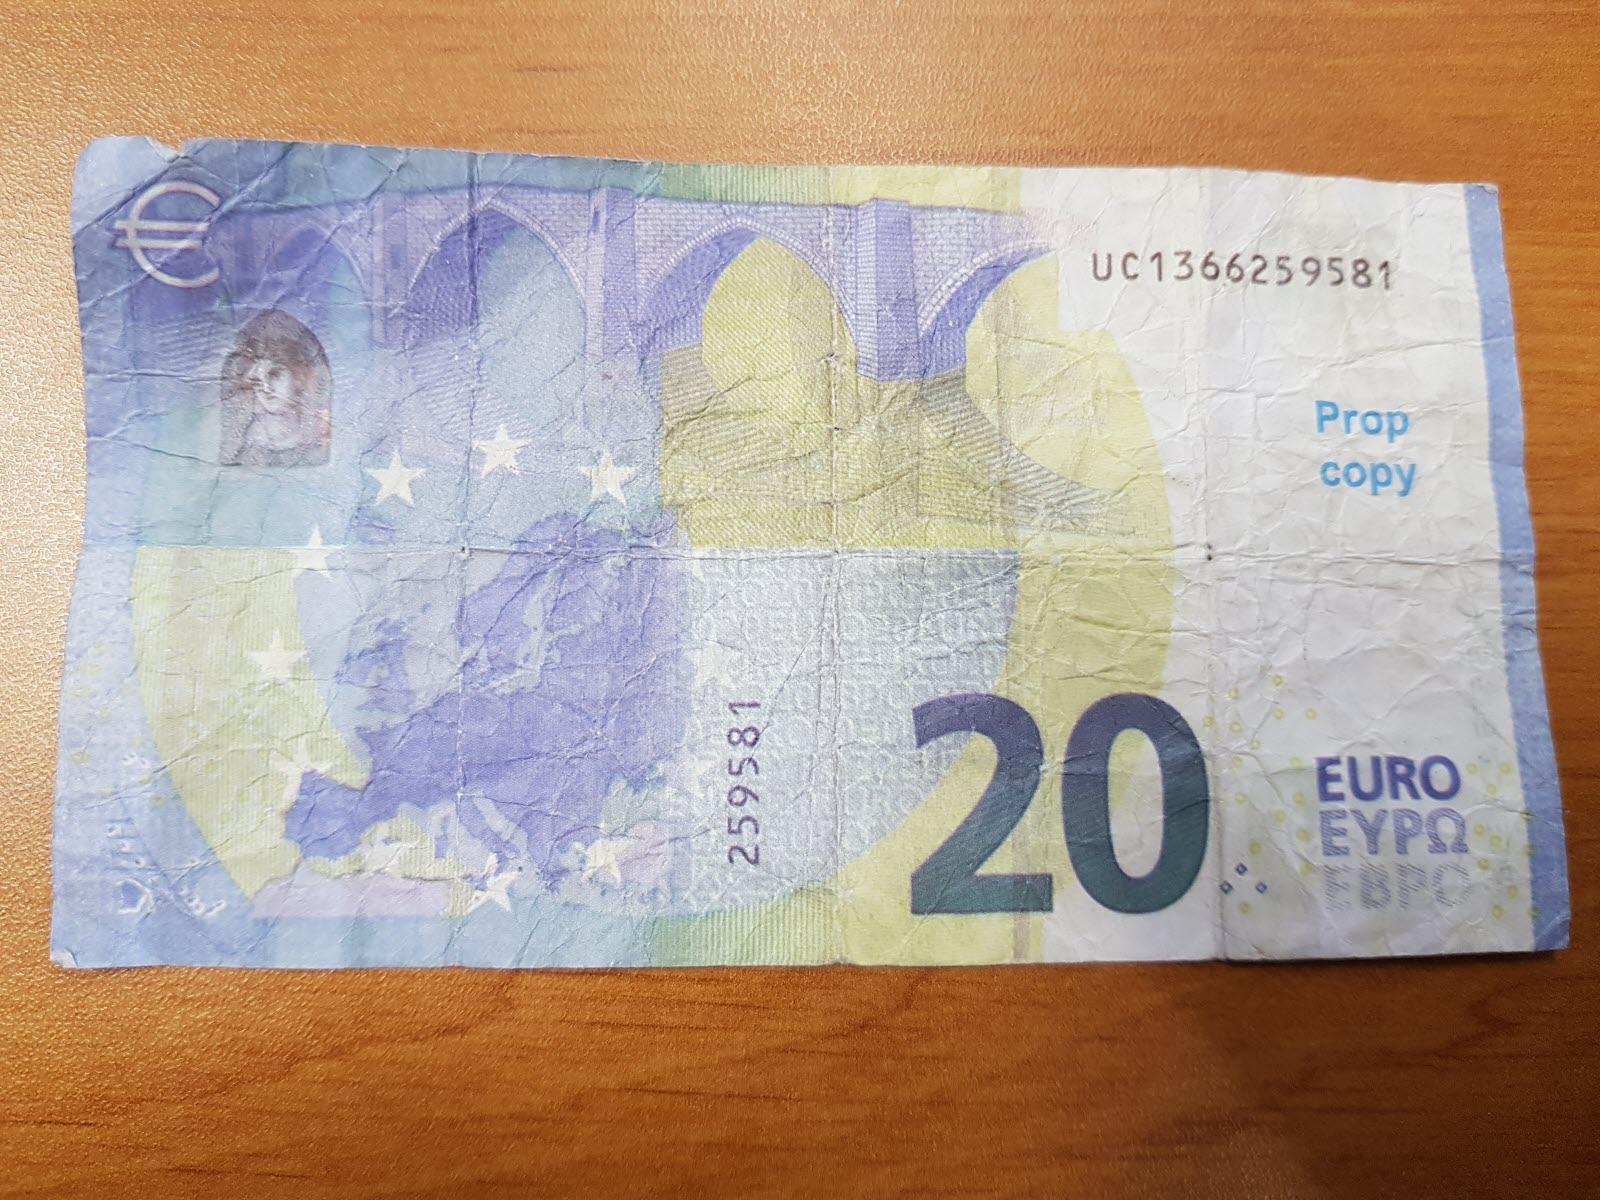 Edition Luneville | Faux Billets En Circulation : La Police dedans Imprimer Faux Billet